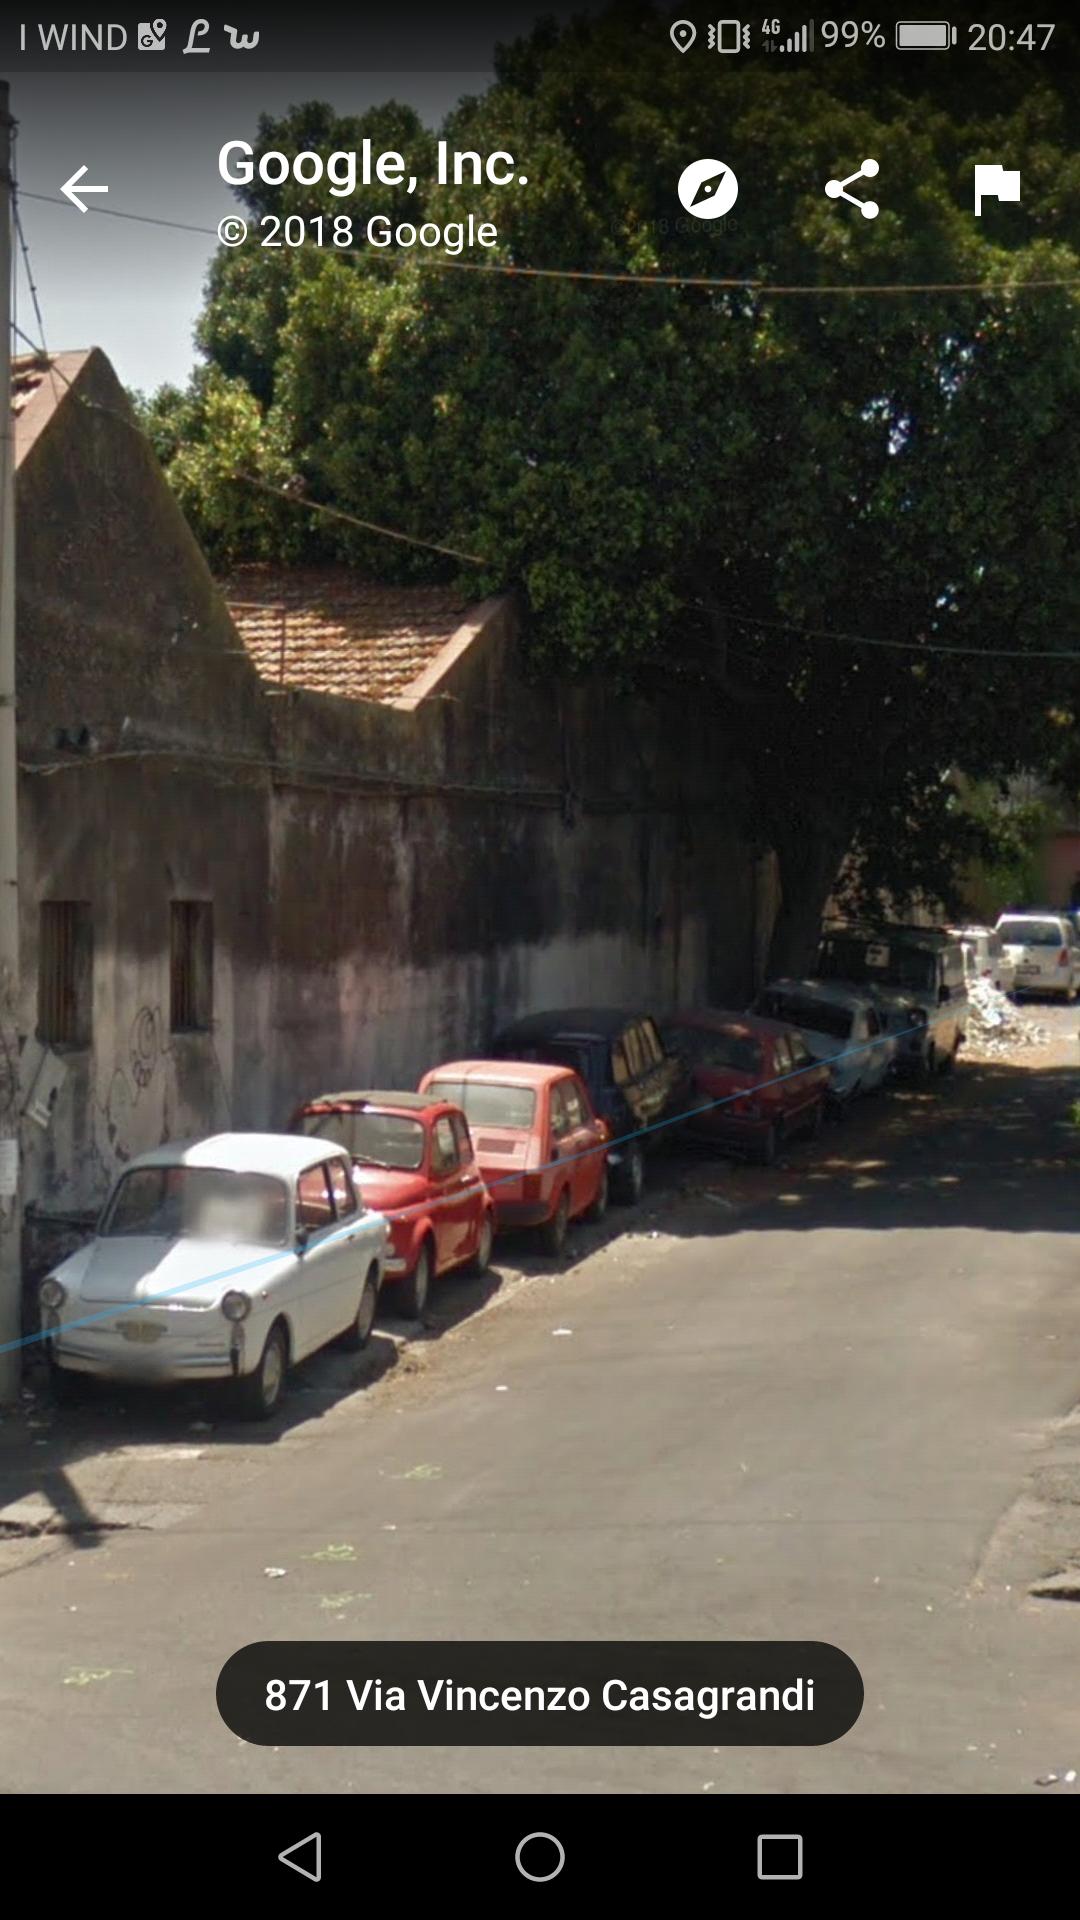 Auto  storiche da Google Maps - Pagina 10 Via-Vincenzo-Casagrandi-Catania-1